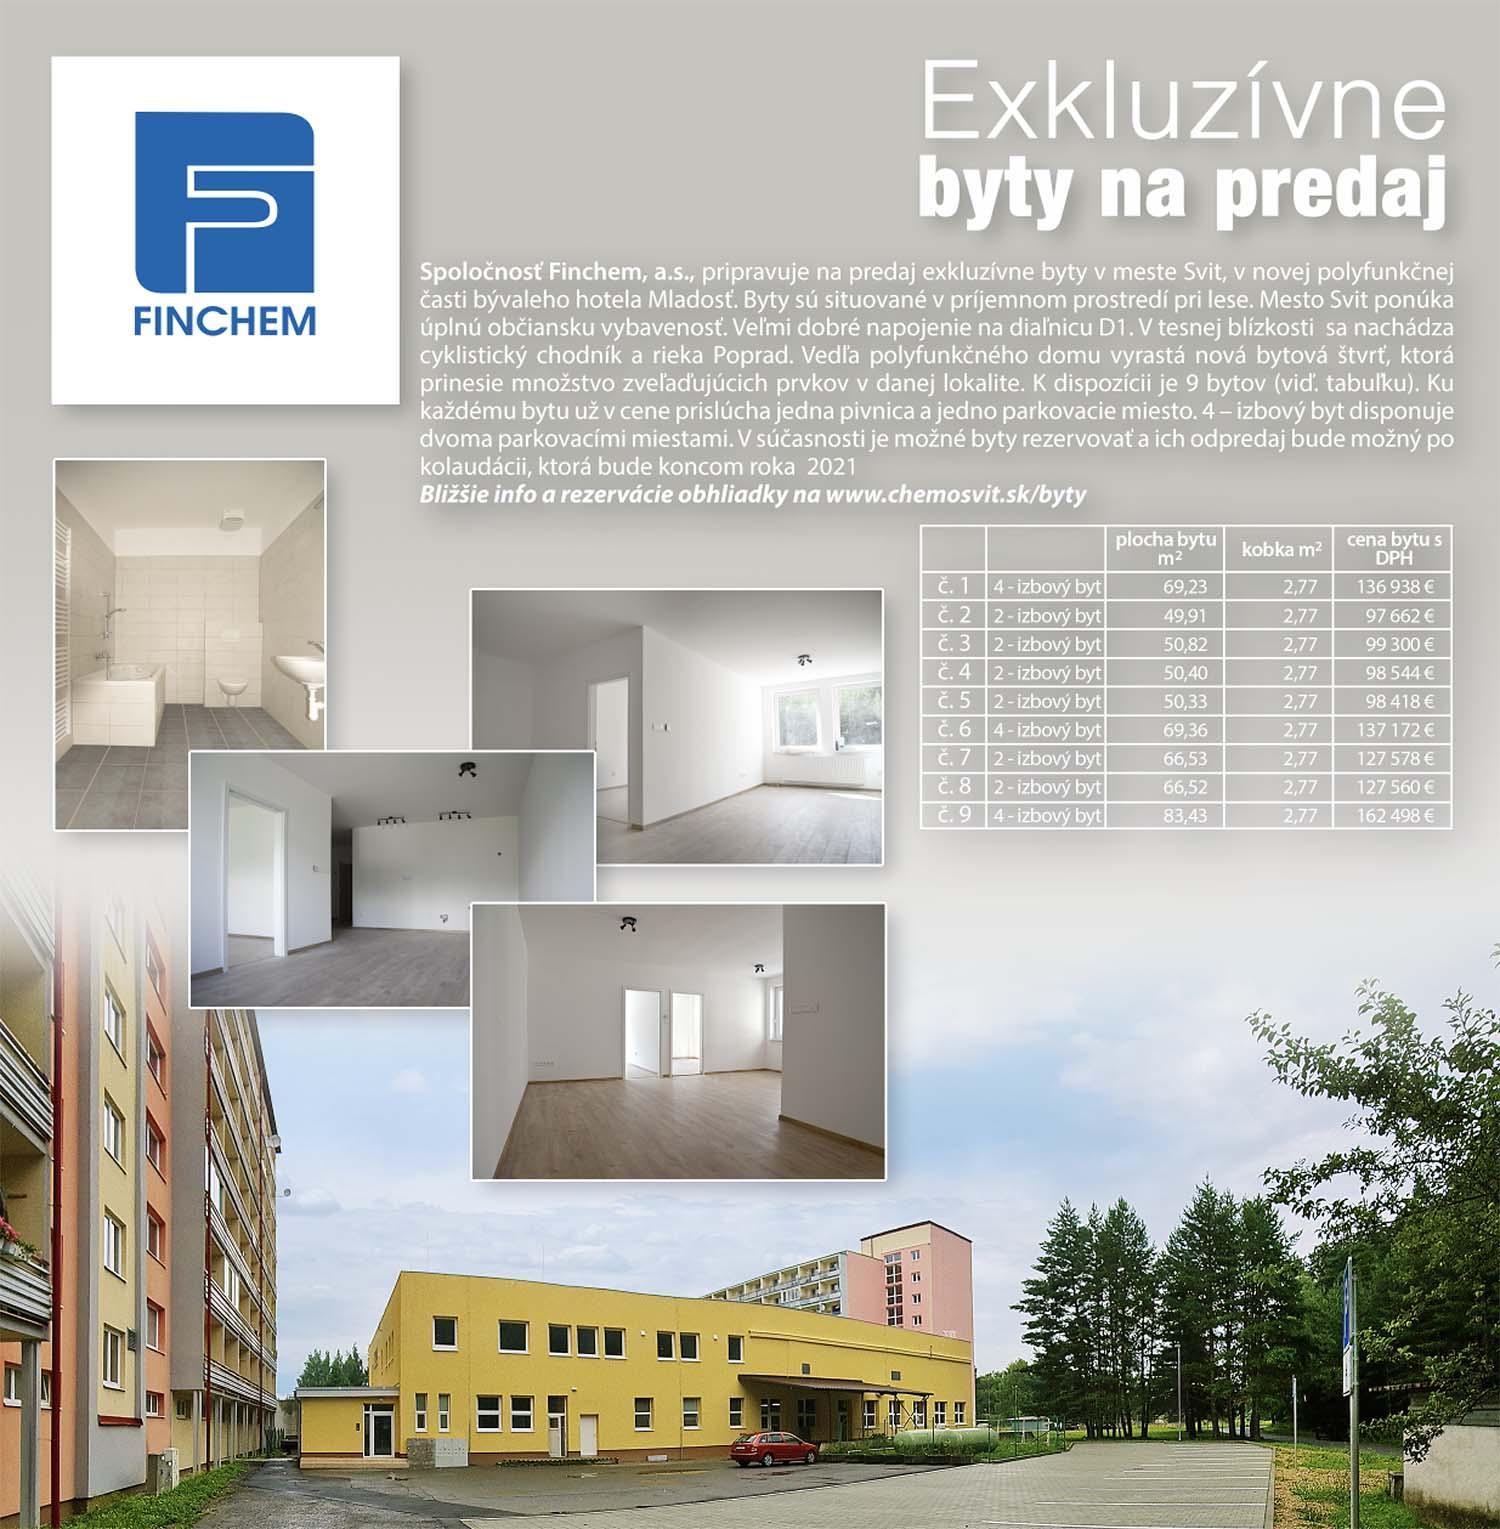 Exkluzívne byty na predaj